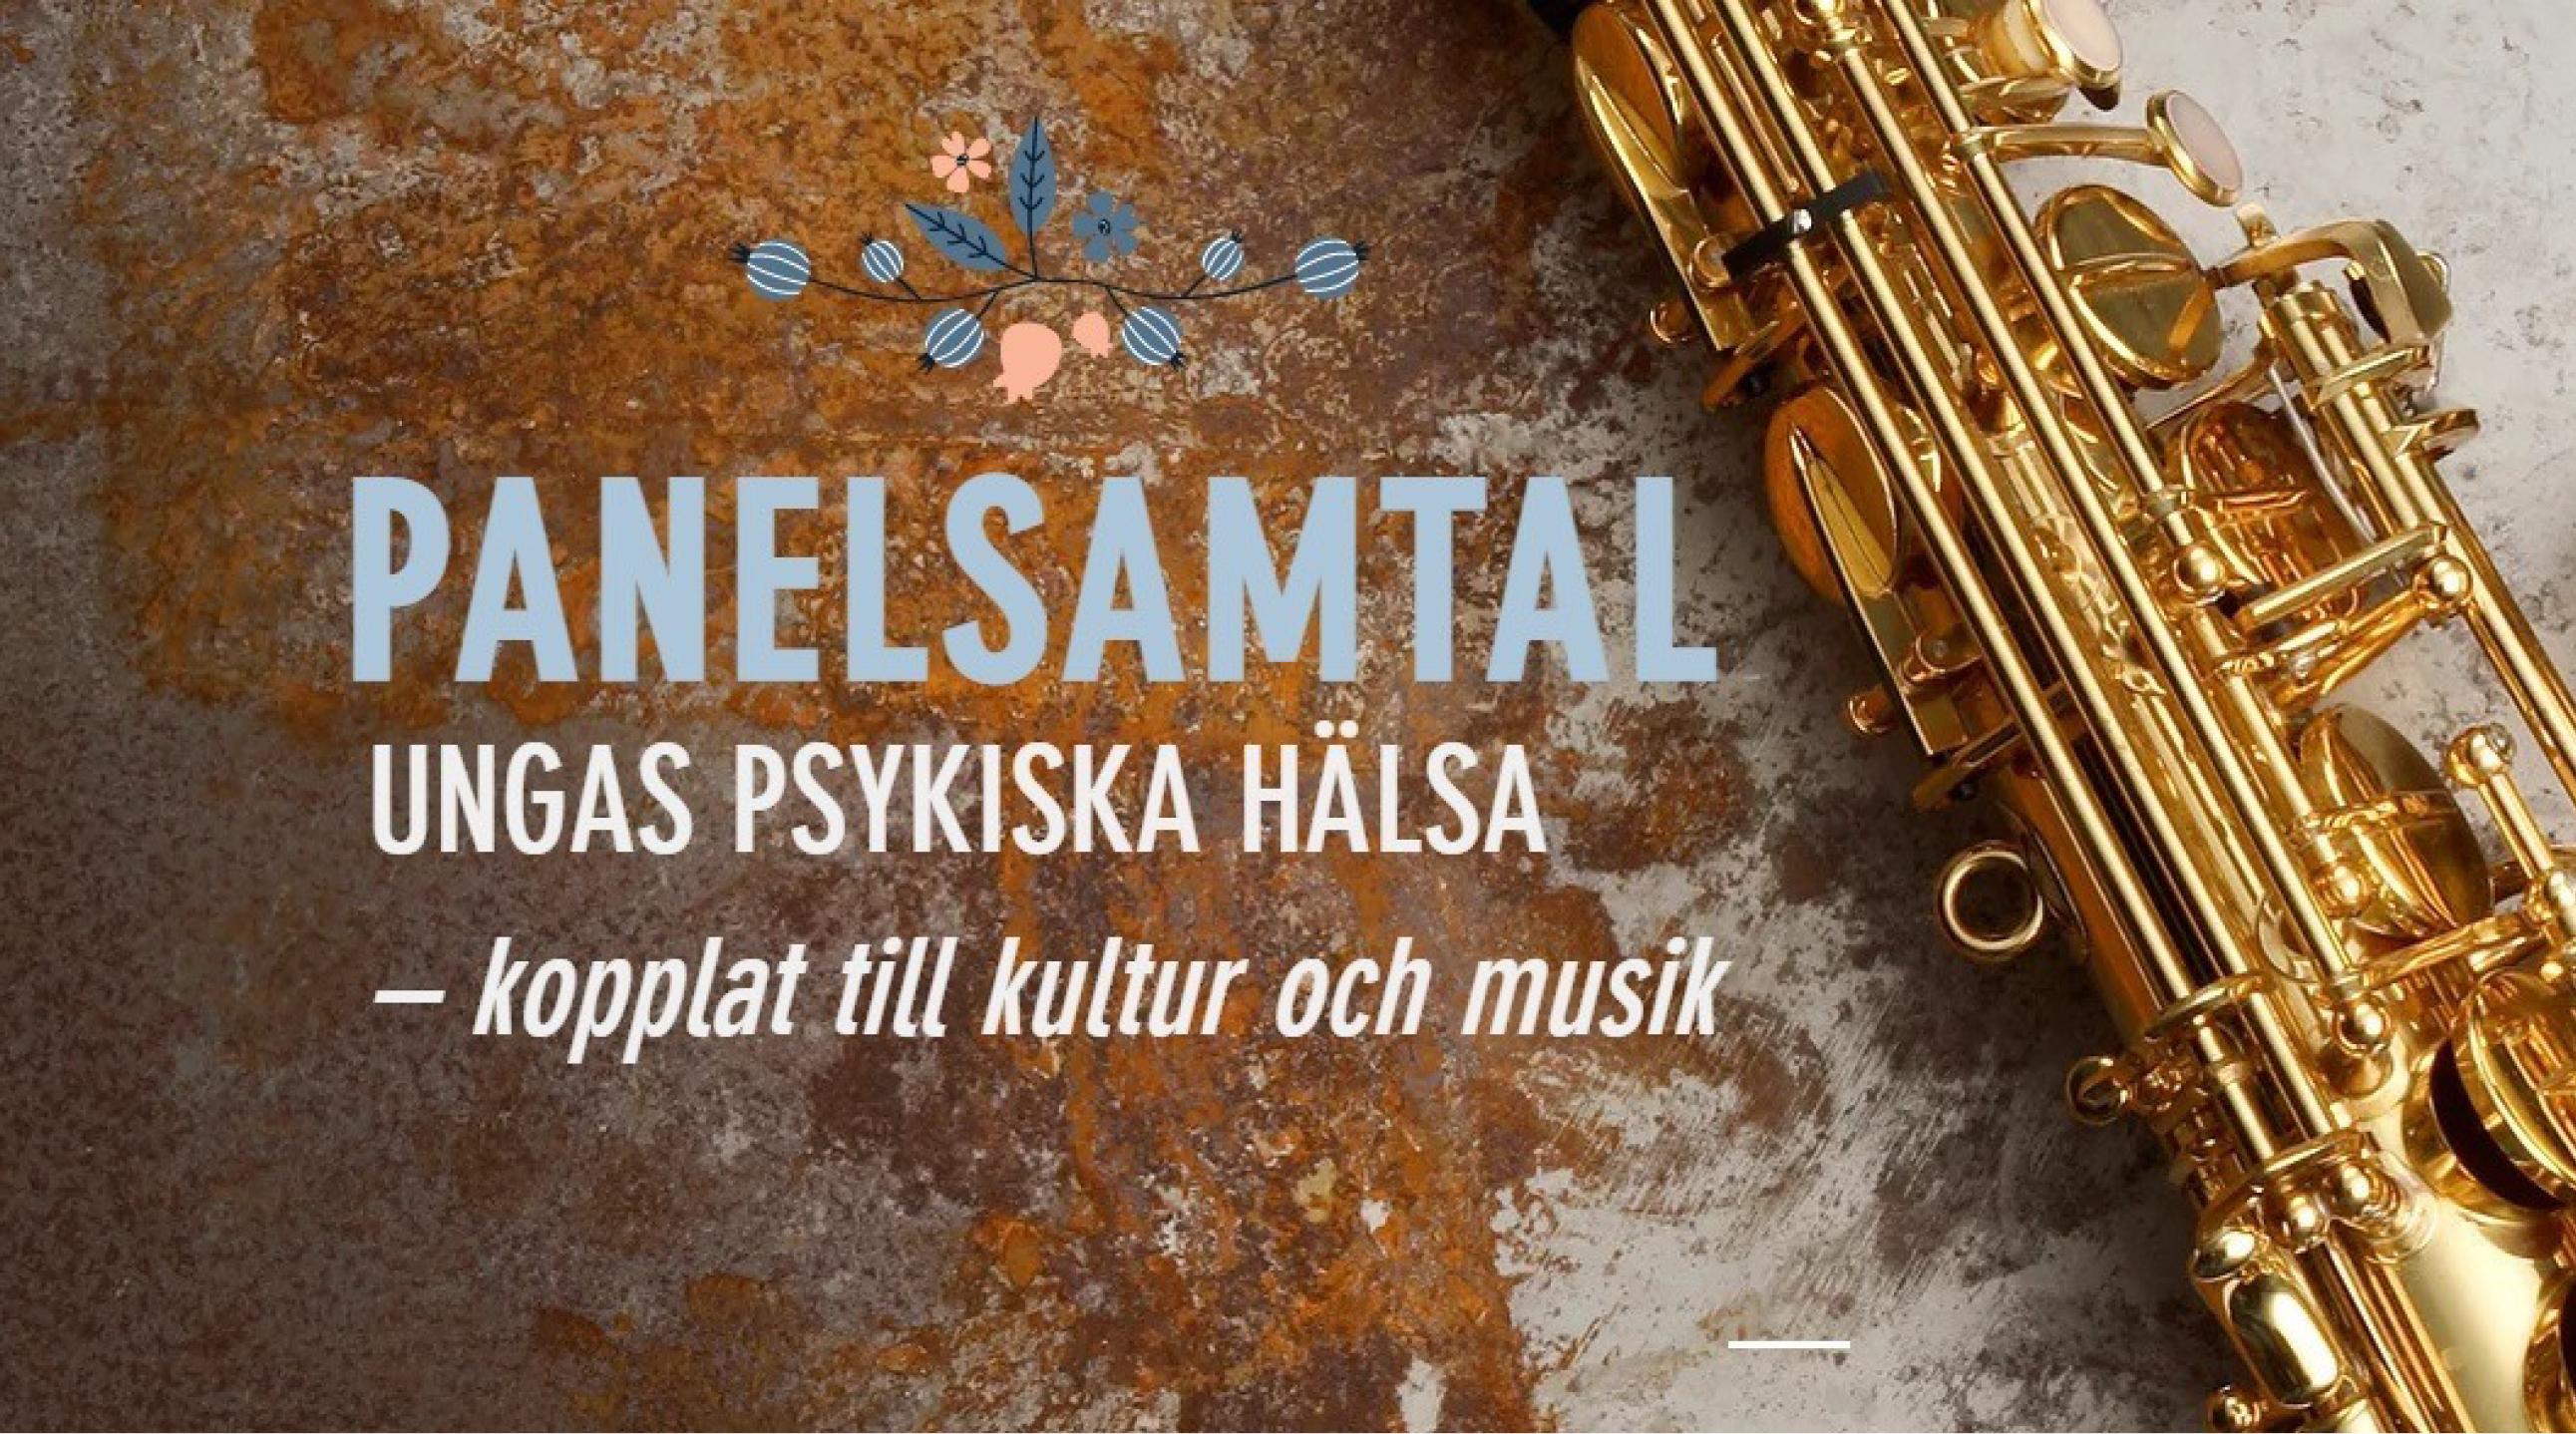 Digitalt evenemang: Panelsamtal: Ungas psykiska hälsa kopplat till kultur och musik